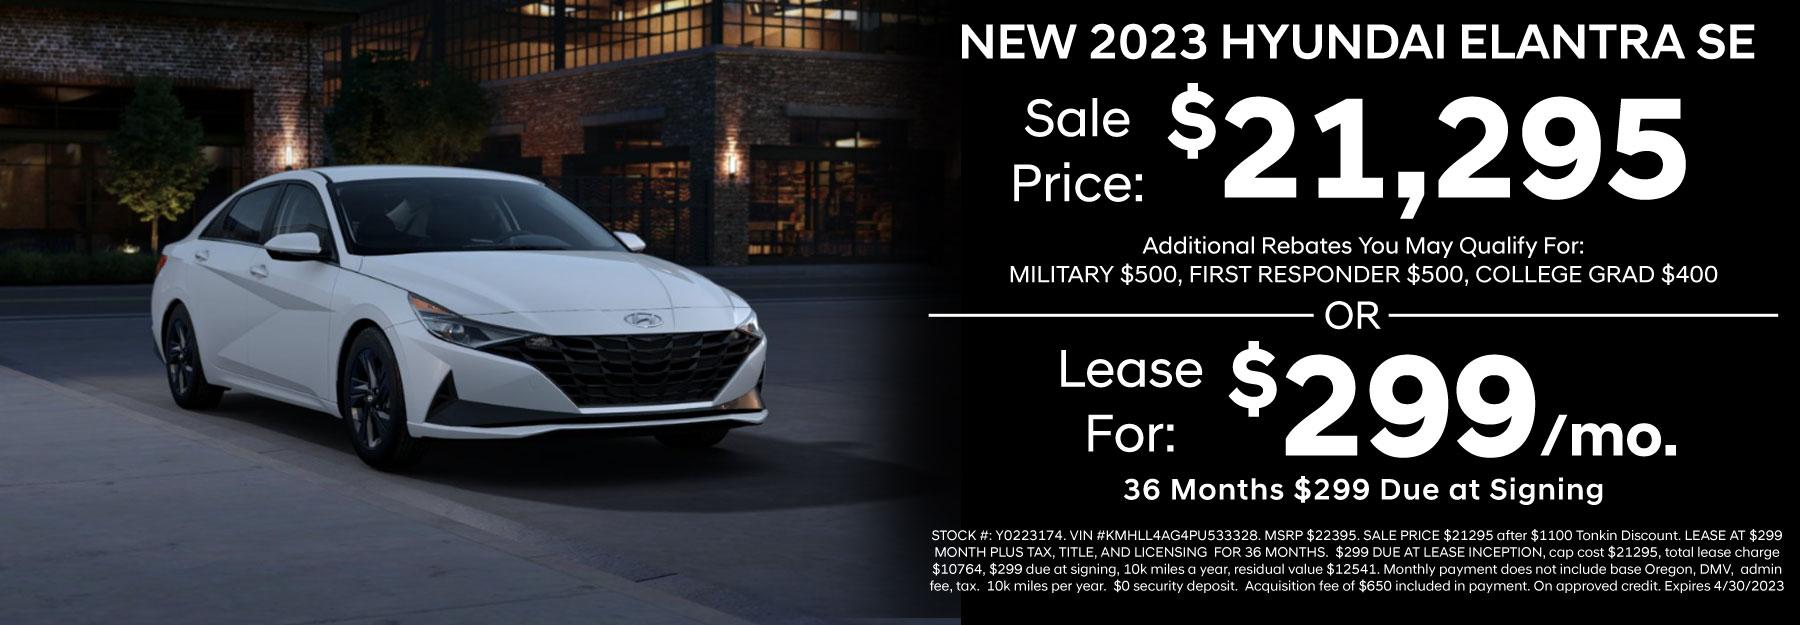 Hyundai Elantra Retail Special